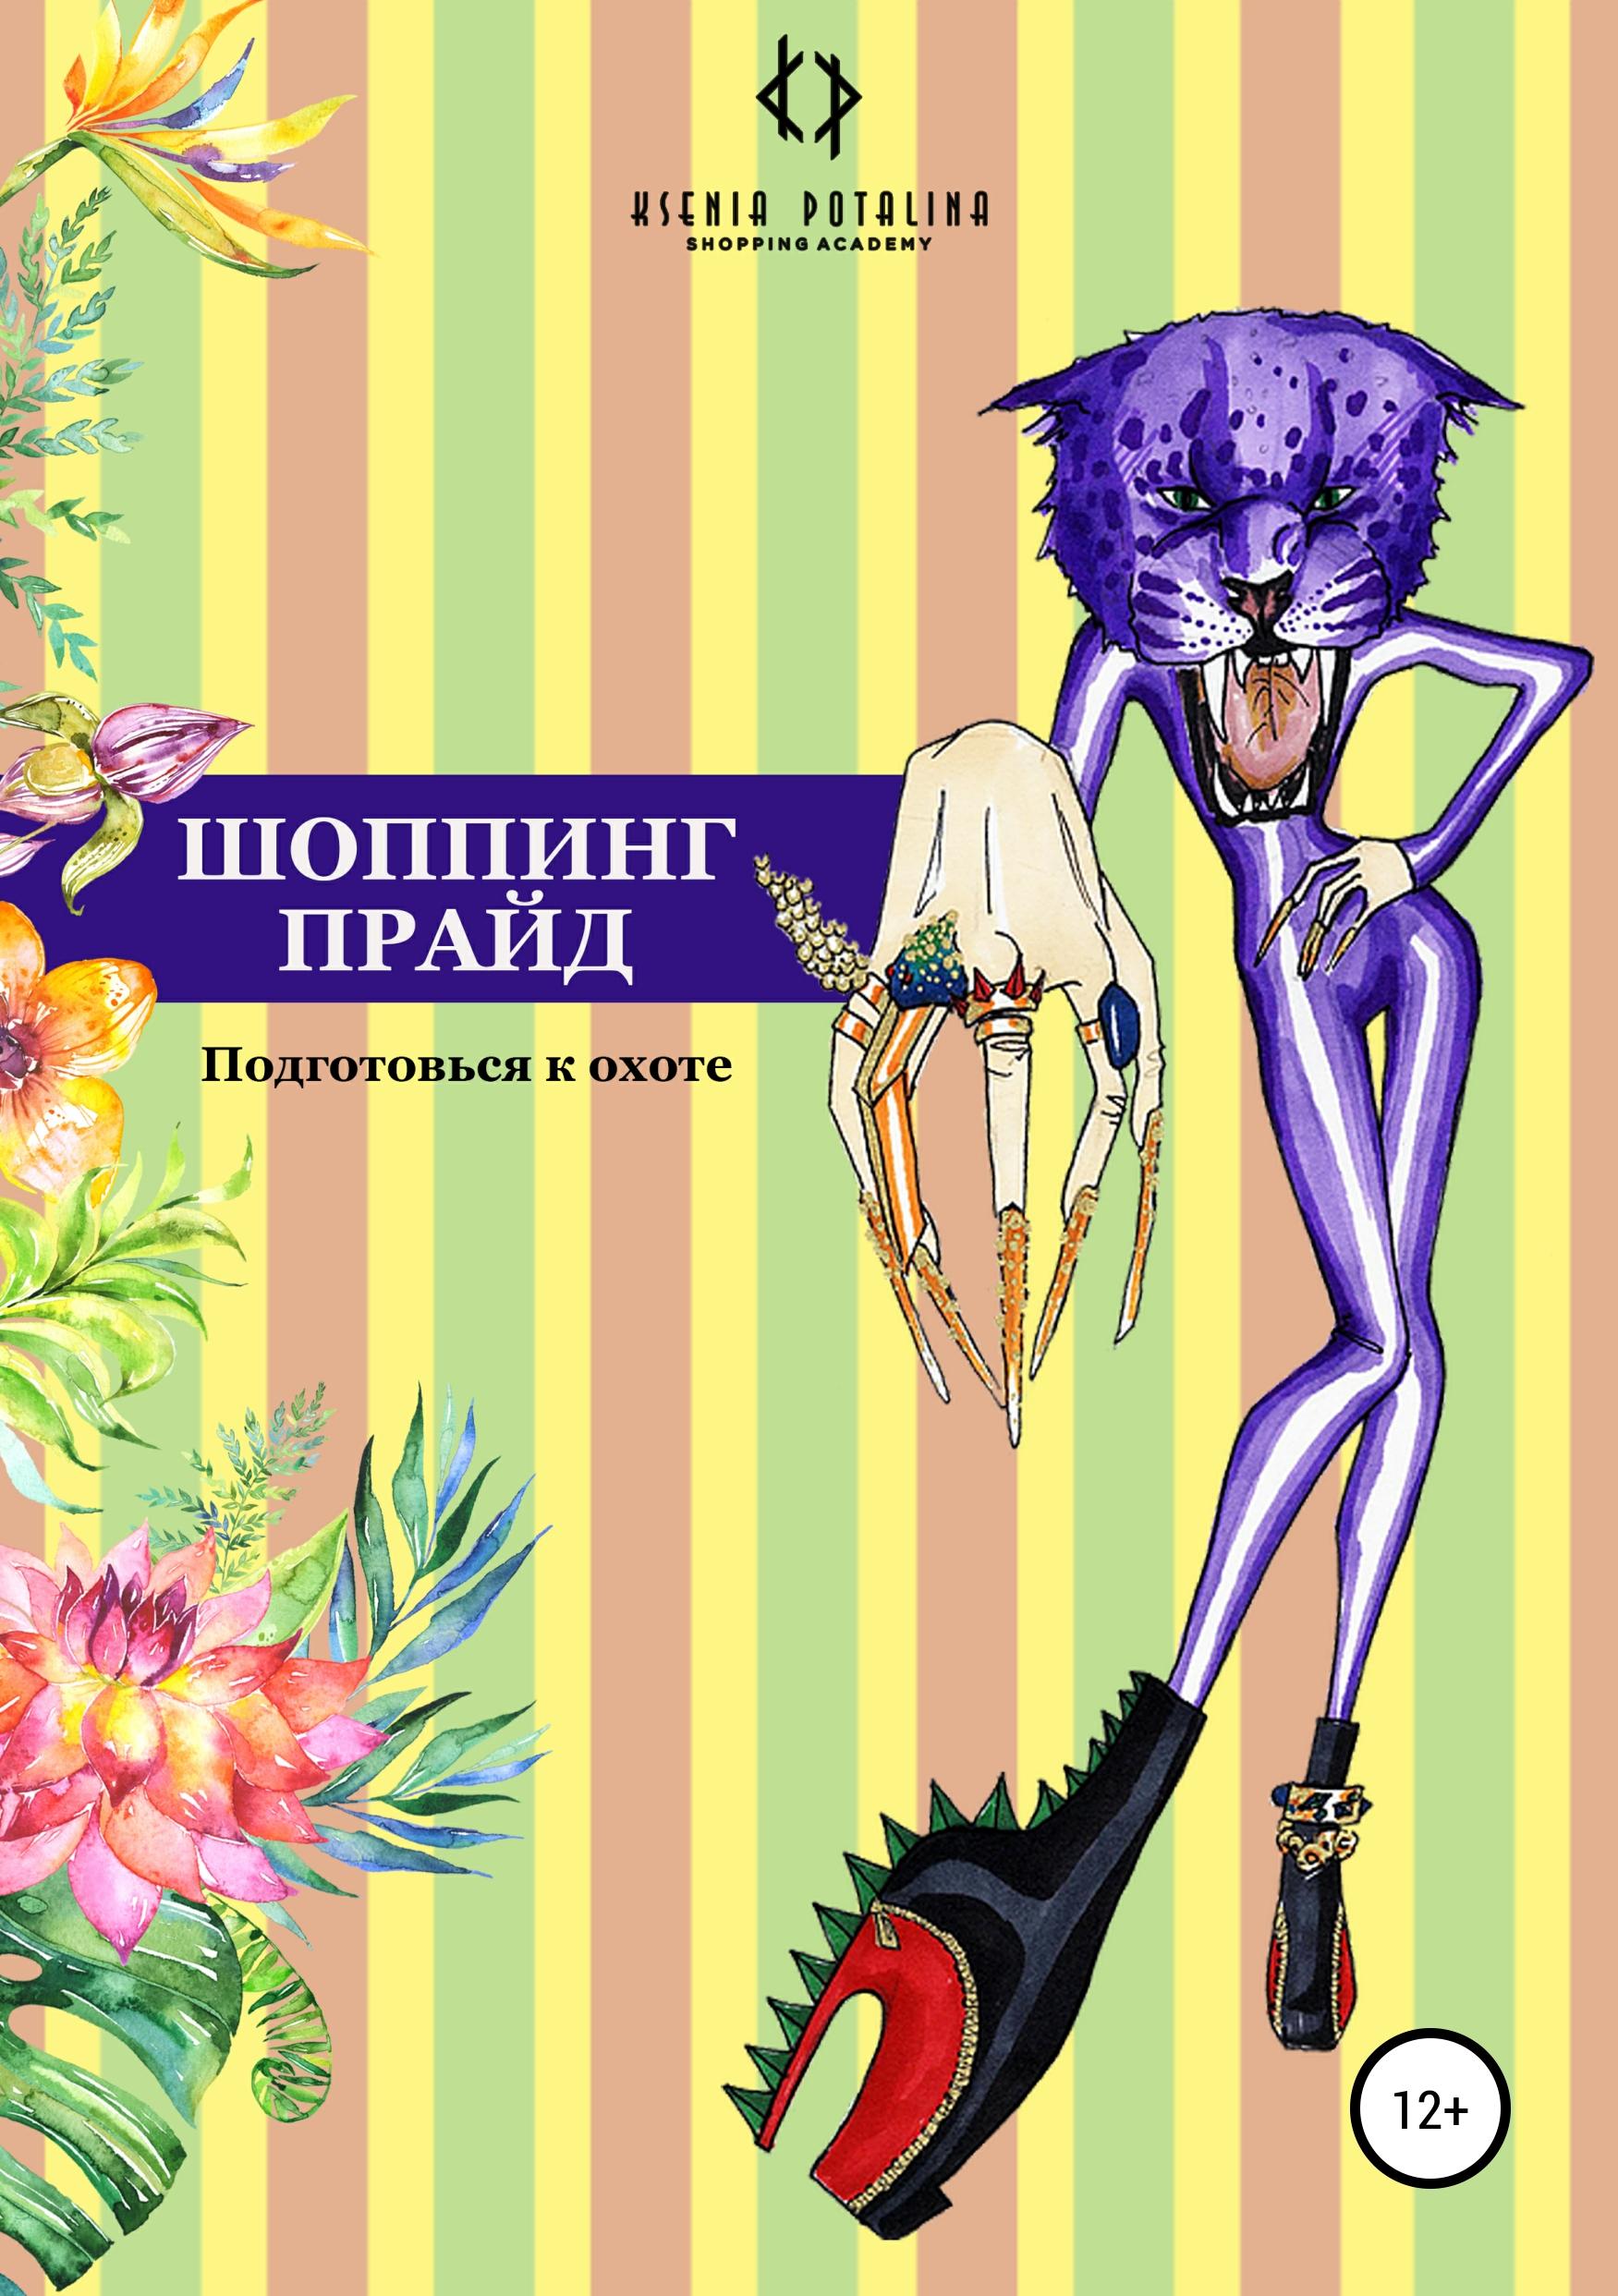 Купить книгу Шоппинг прайд, автора Ксении Владимировны Поталиной